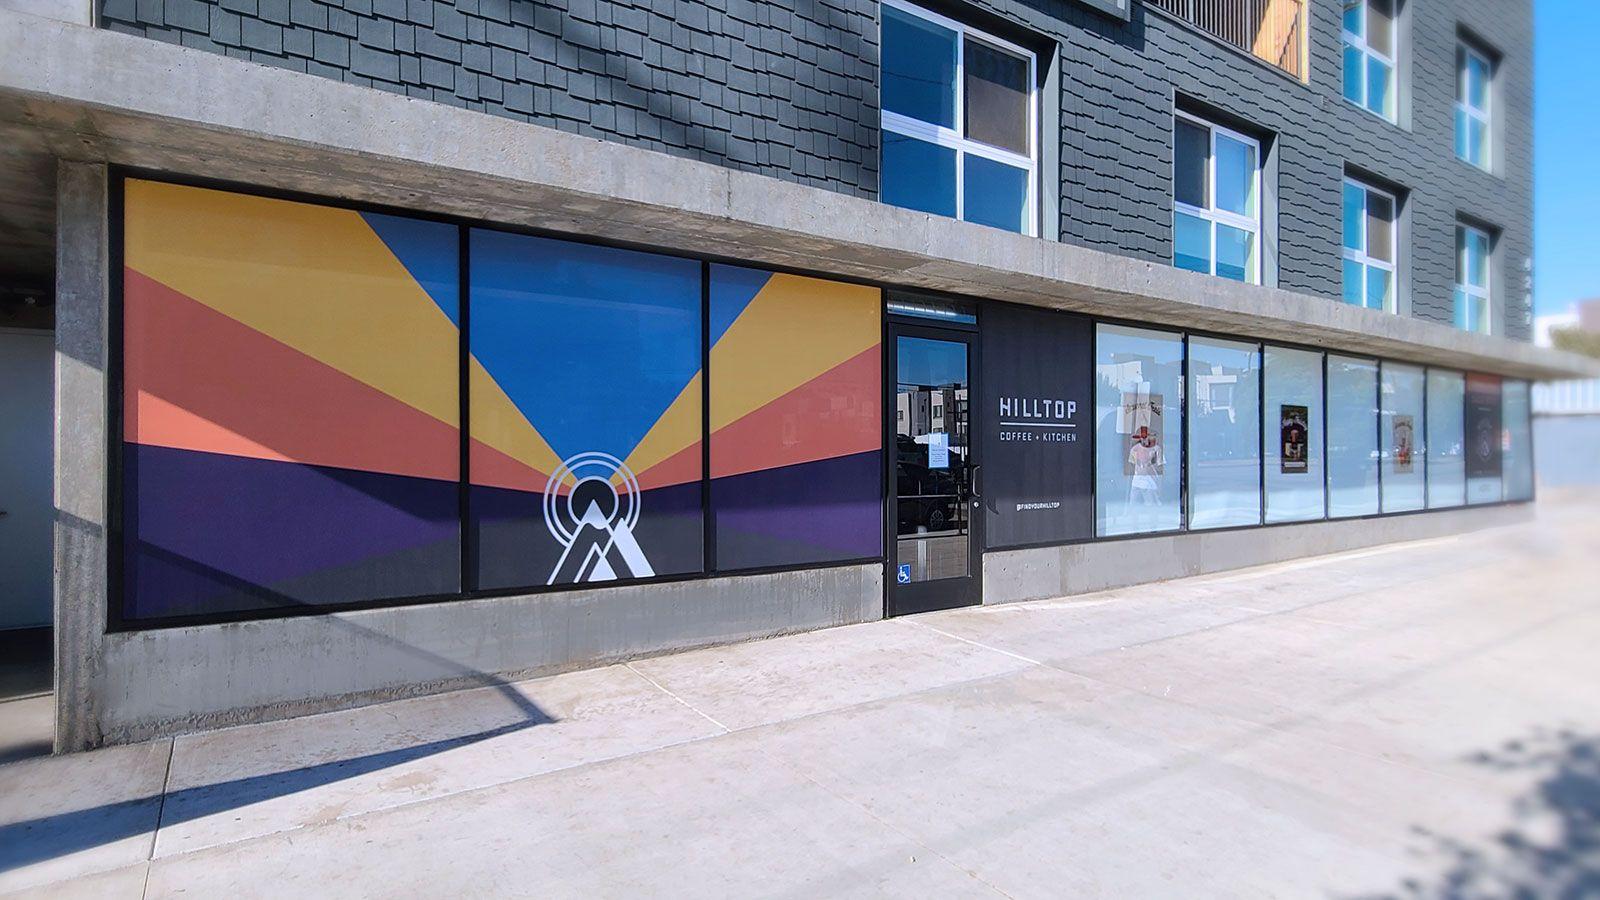 Hilltop storefront window decals